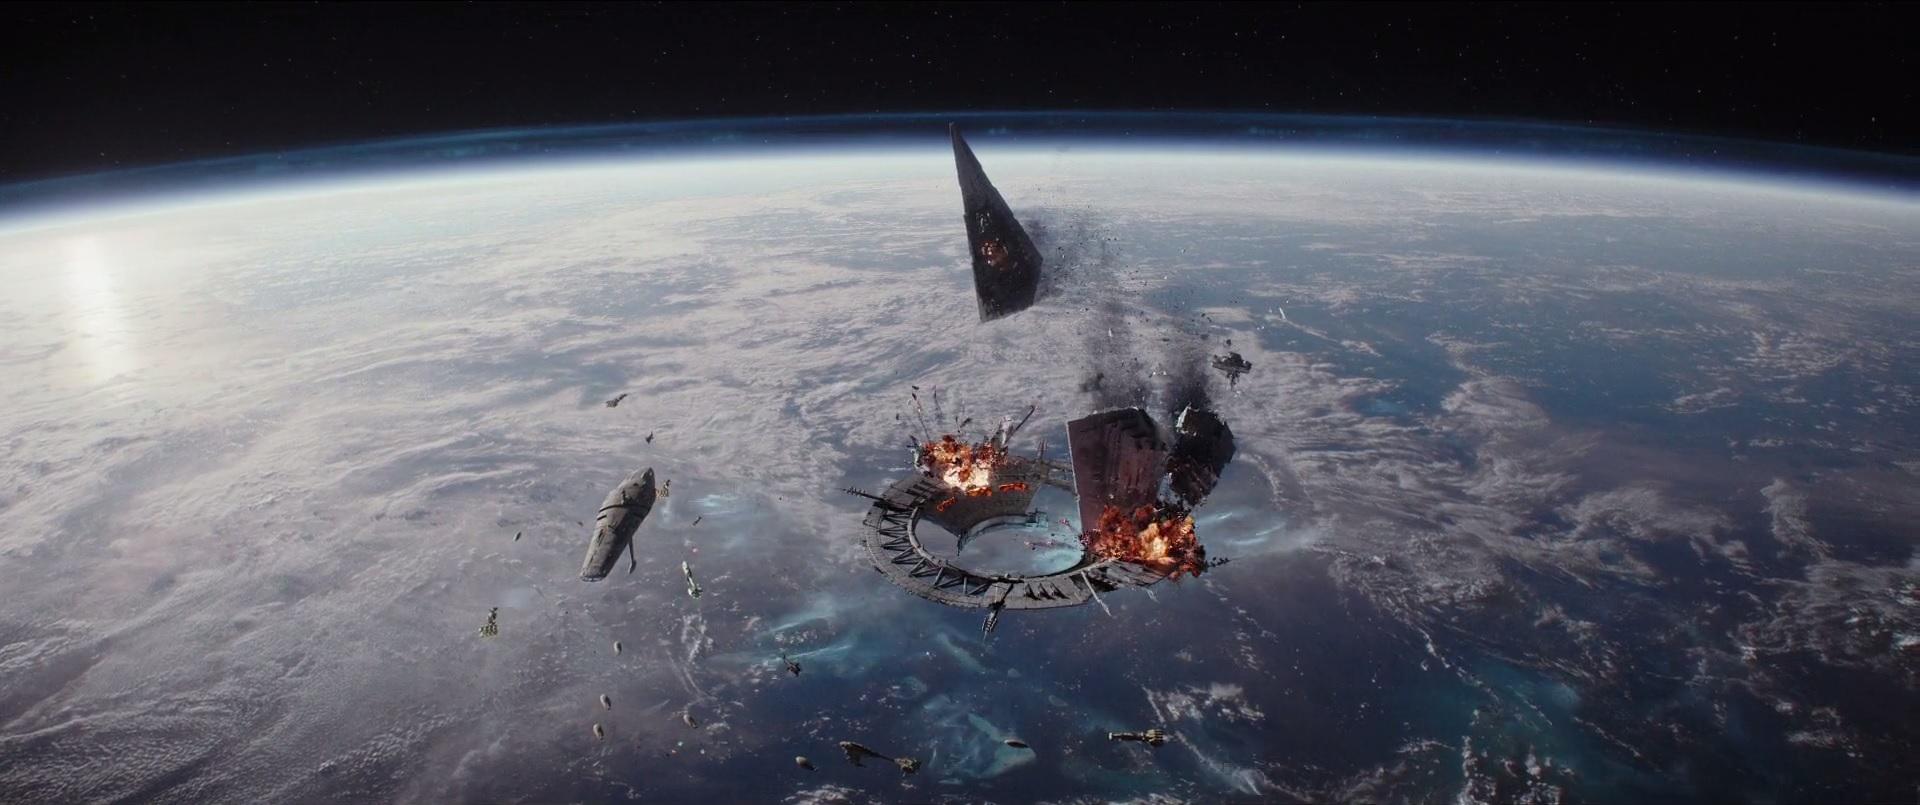 Scarif shield vs Star Destroyer.jpg